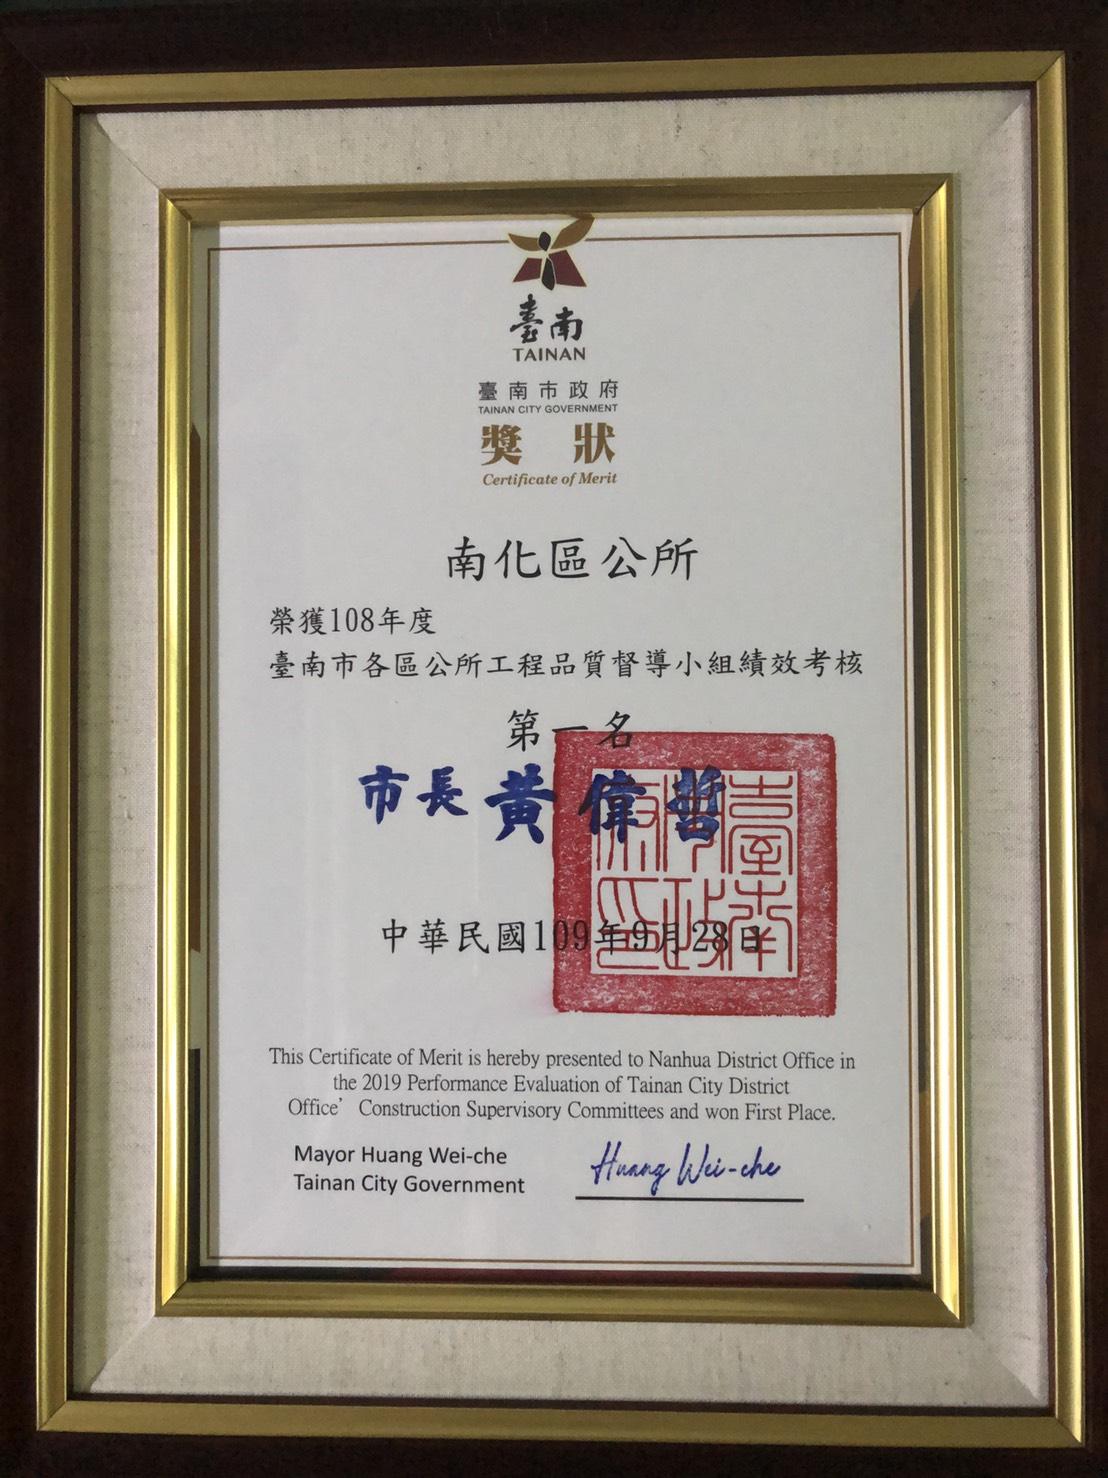 南化區公所榮獲108年度臺南市各區公所工程品質督導小組績效考核第一名